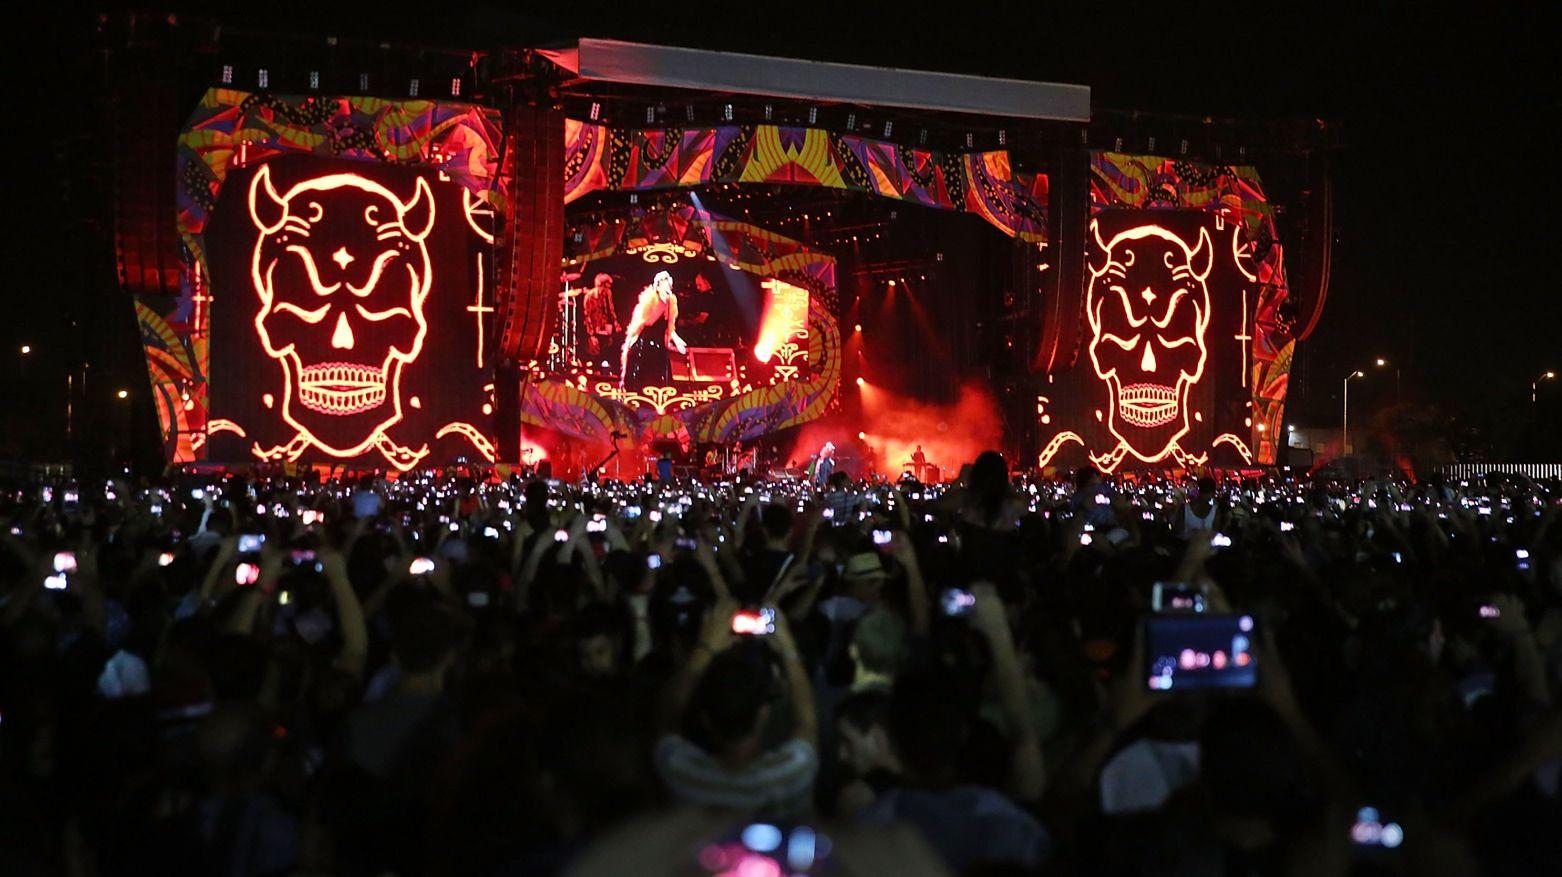 Narkotyki? Jakie narkotyki? The Rolling Stones w świetnej formie